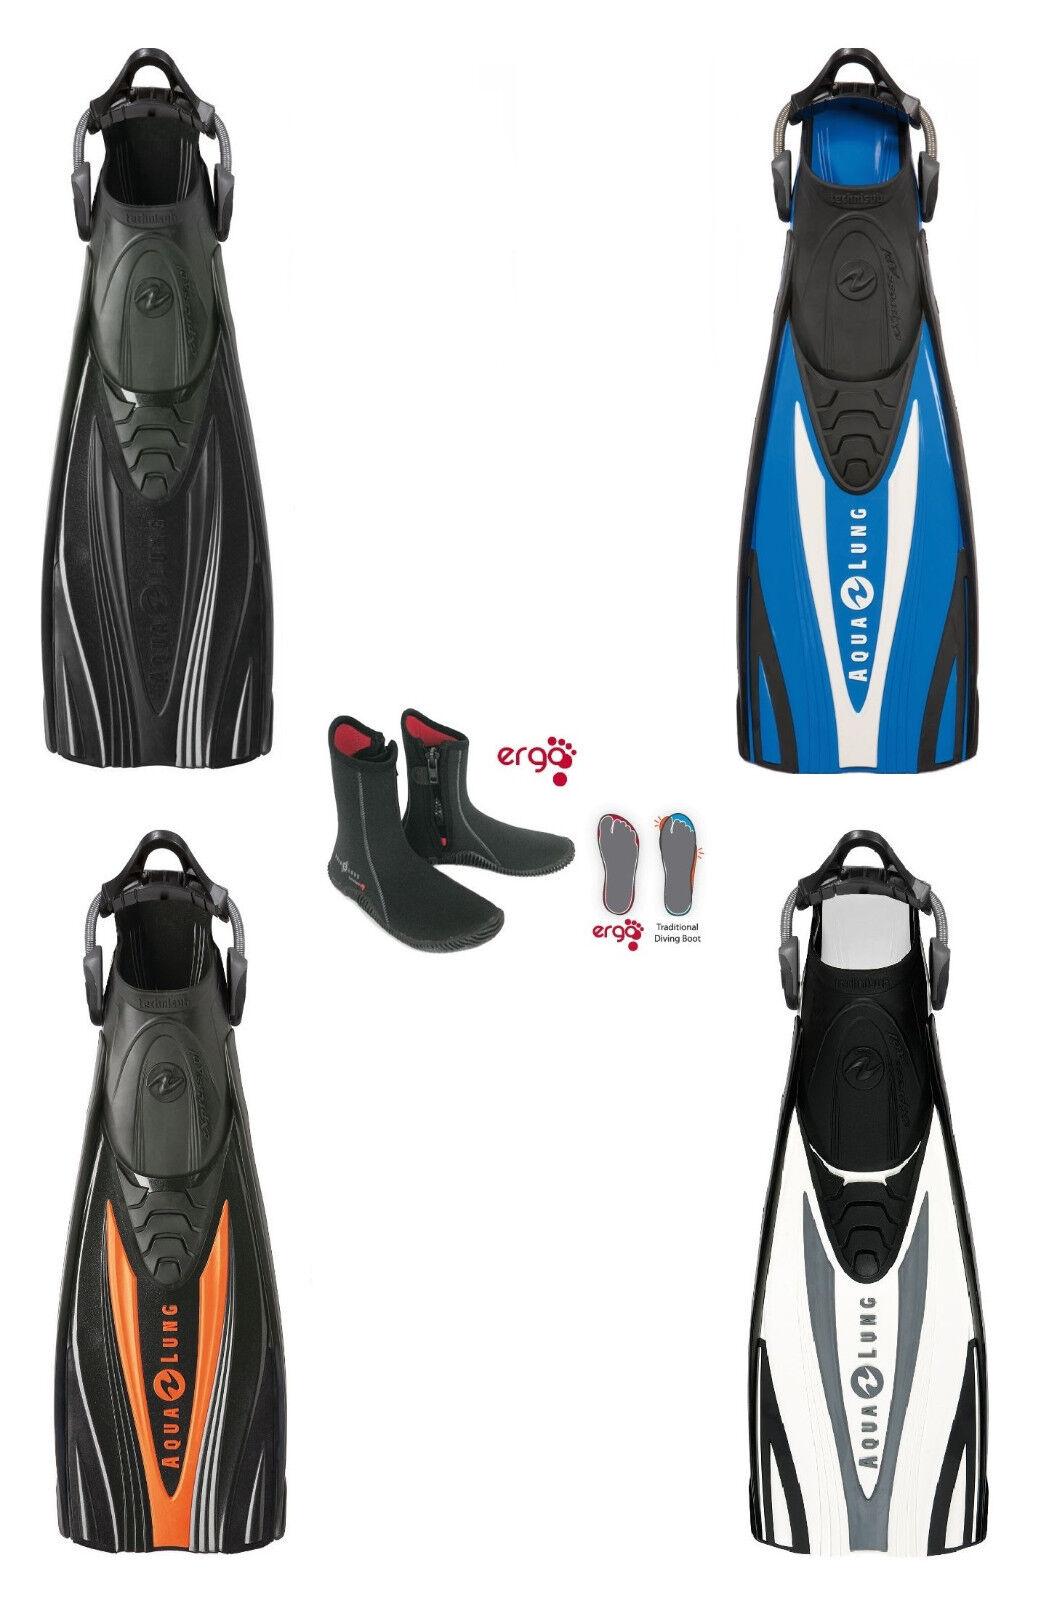 Aqualung Express Adj Echozip Set Dispositivo Aletas con Zapatos Tiras Gr.38-48